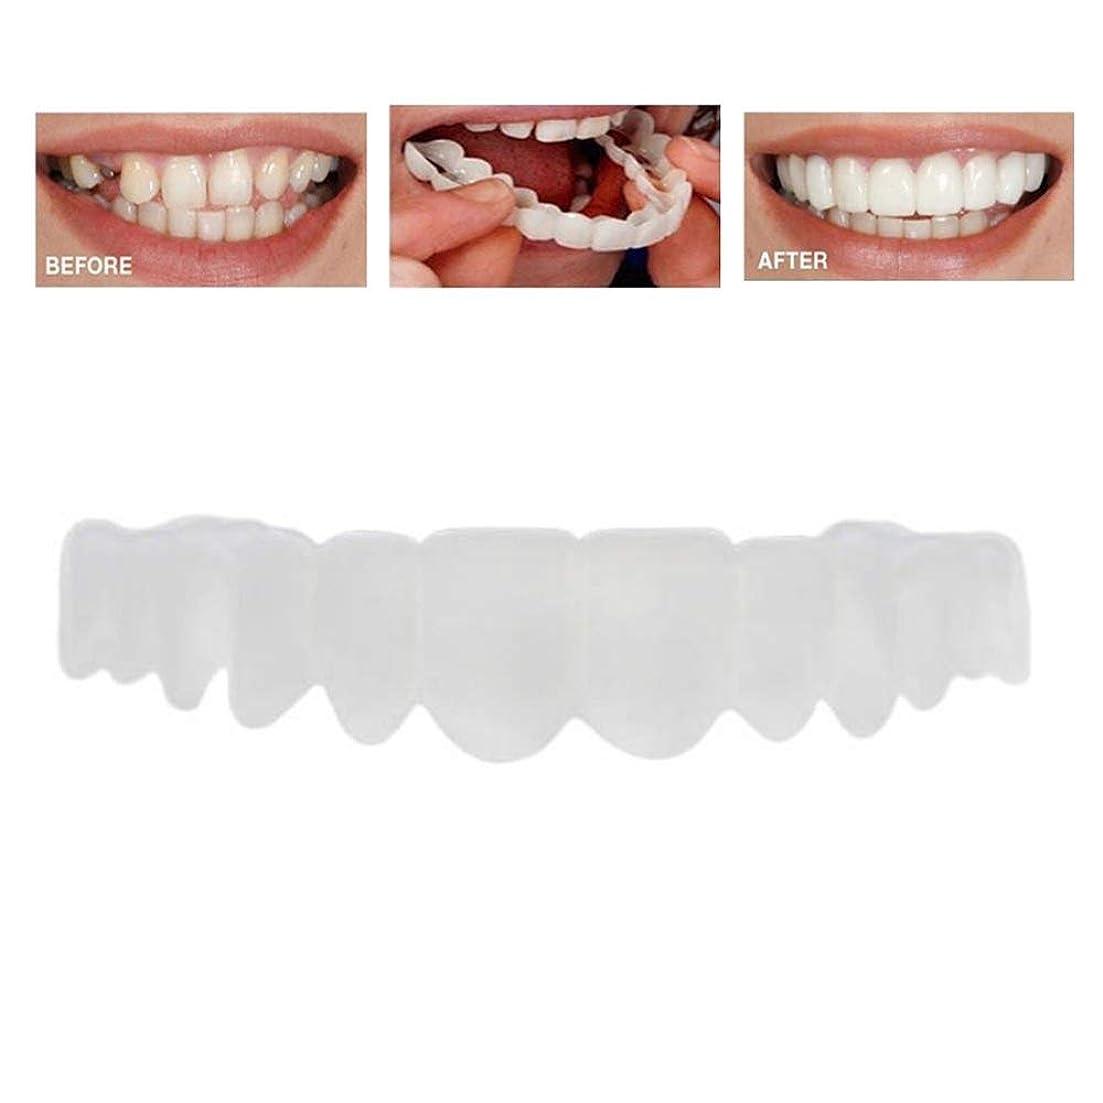 適用する農業のオフェンス15ピースの歯の化粧品の快適さフィット歯の義歯歯の上のベニヤの歯ワンサイズフィット最も快適な義歯